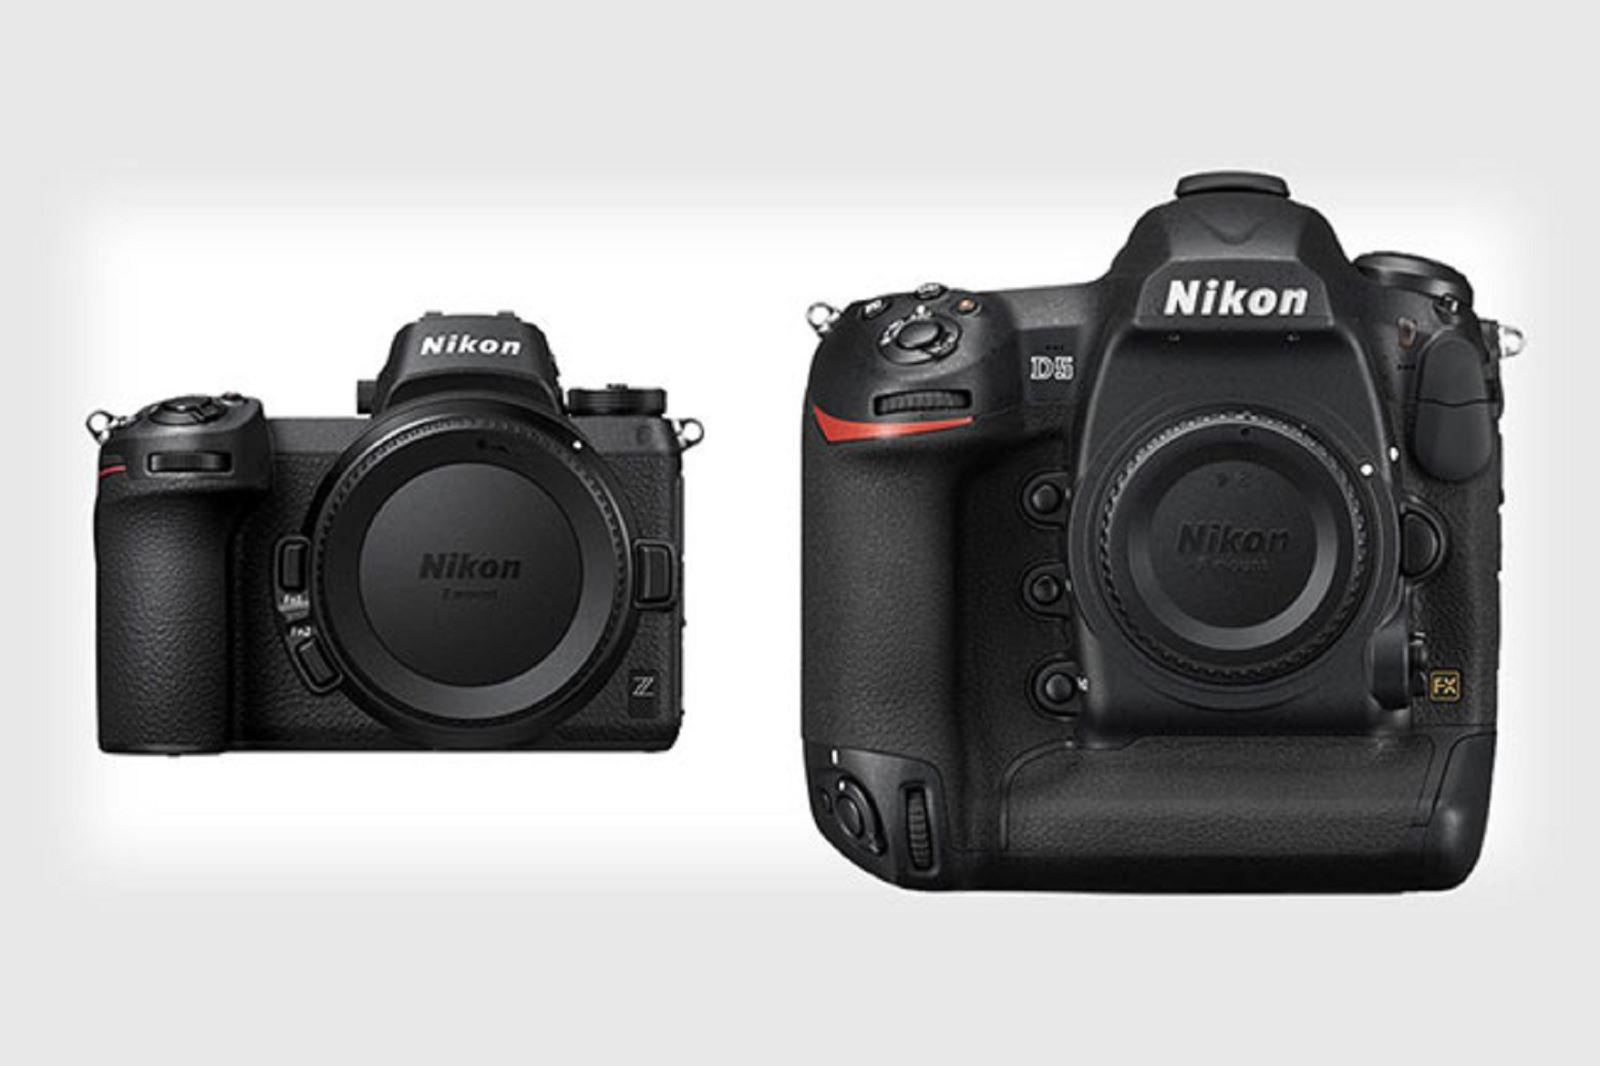 Nikon xác nhận sắp ra mắt máy ảnh Mirrorlesscao cấp tương đương chiếc DSLR D5